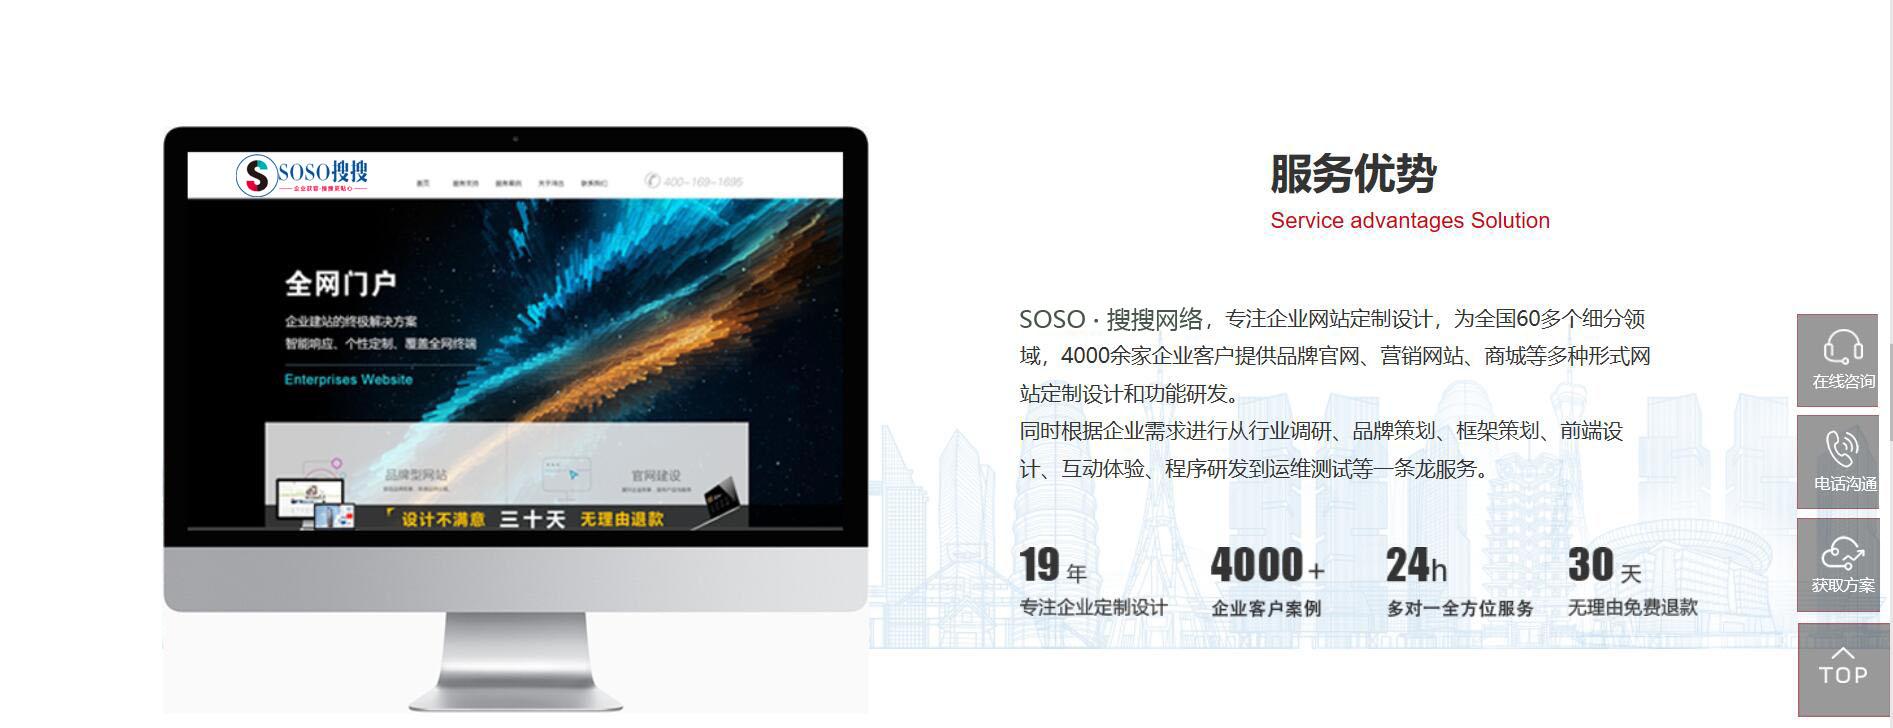 近几年,内蒙古网站建设的风格有变化吗?